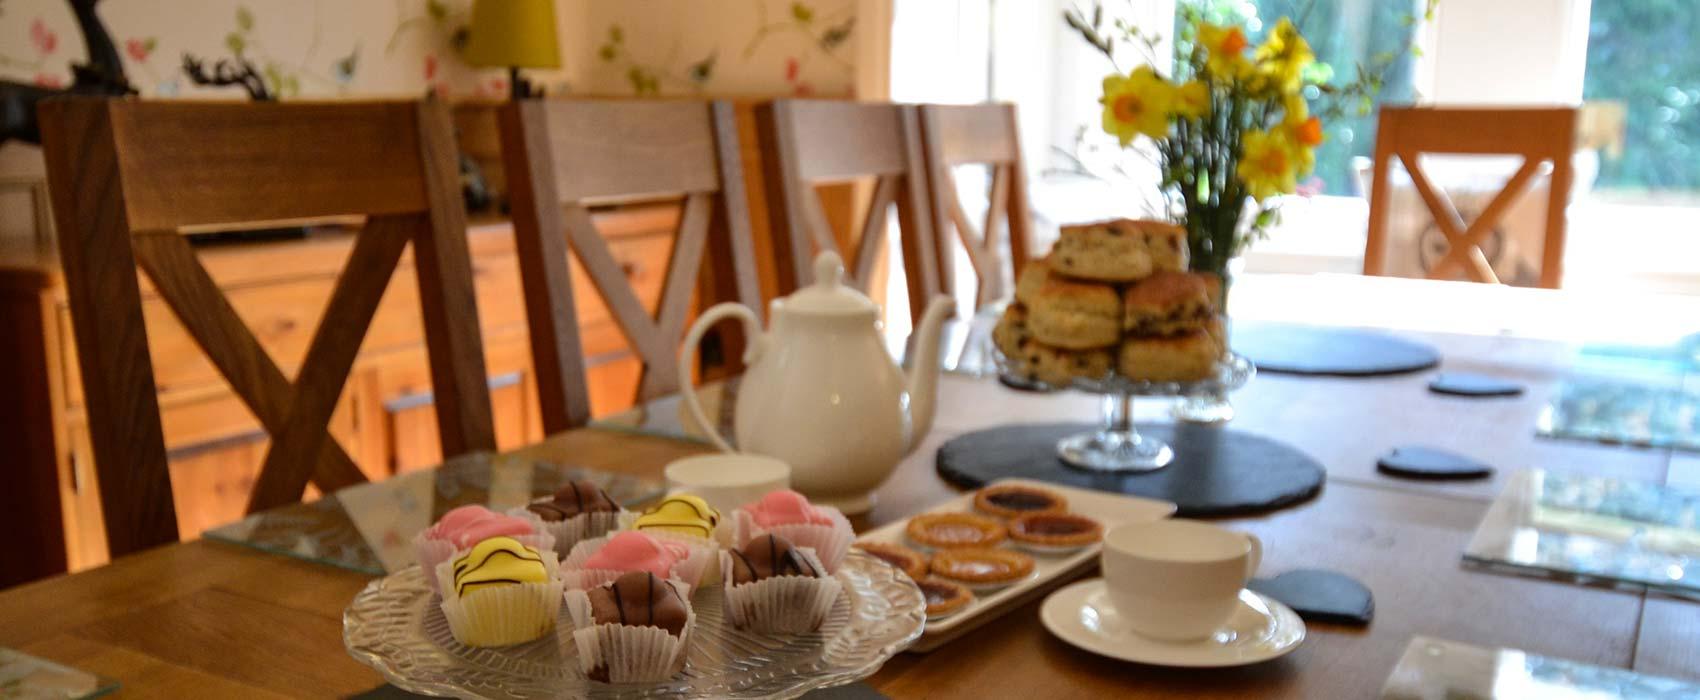 Dining-room-afternoon-tea